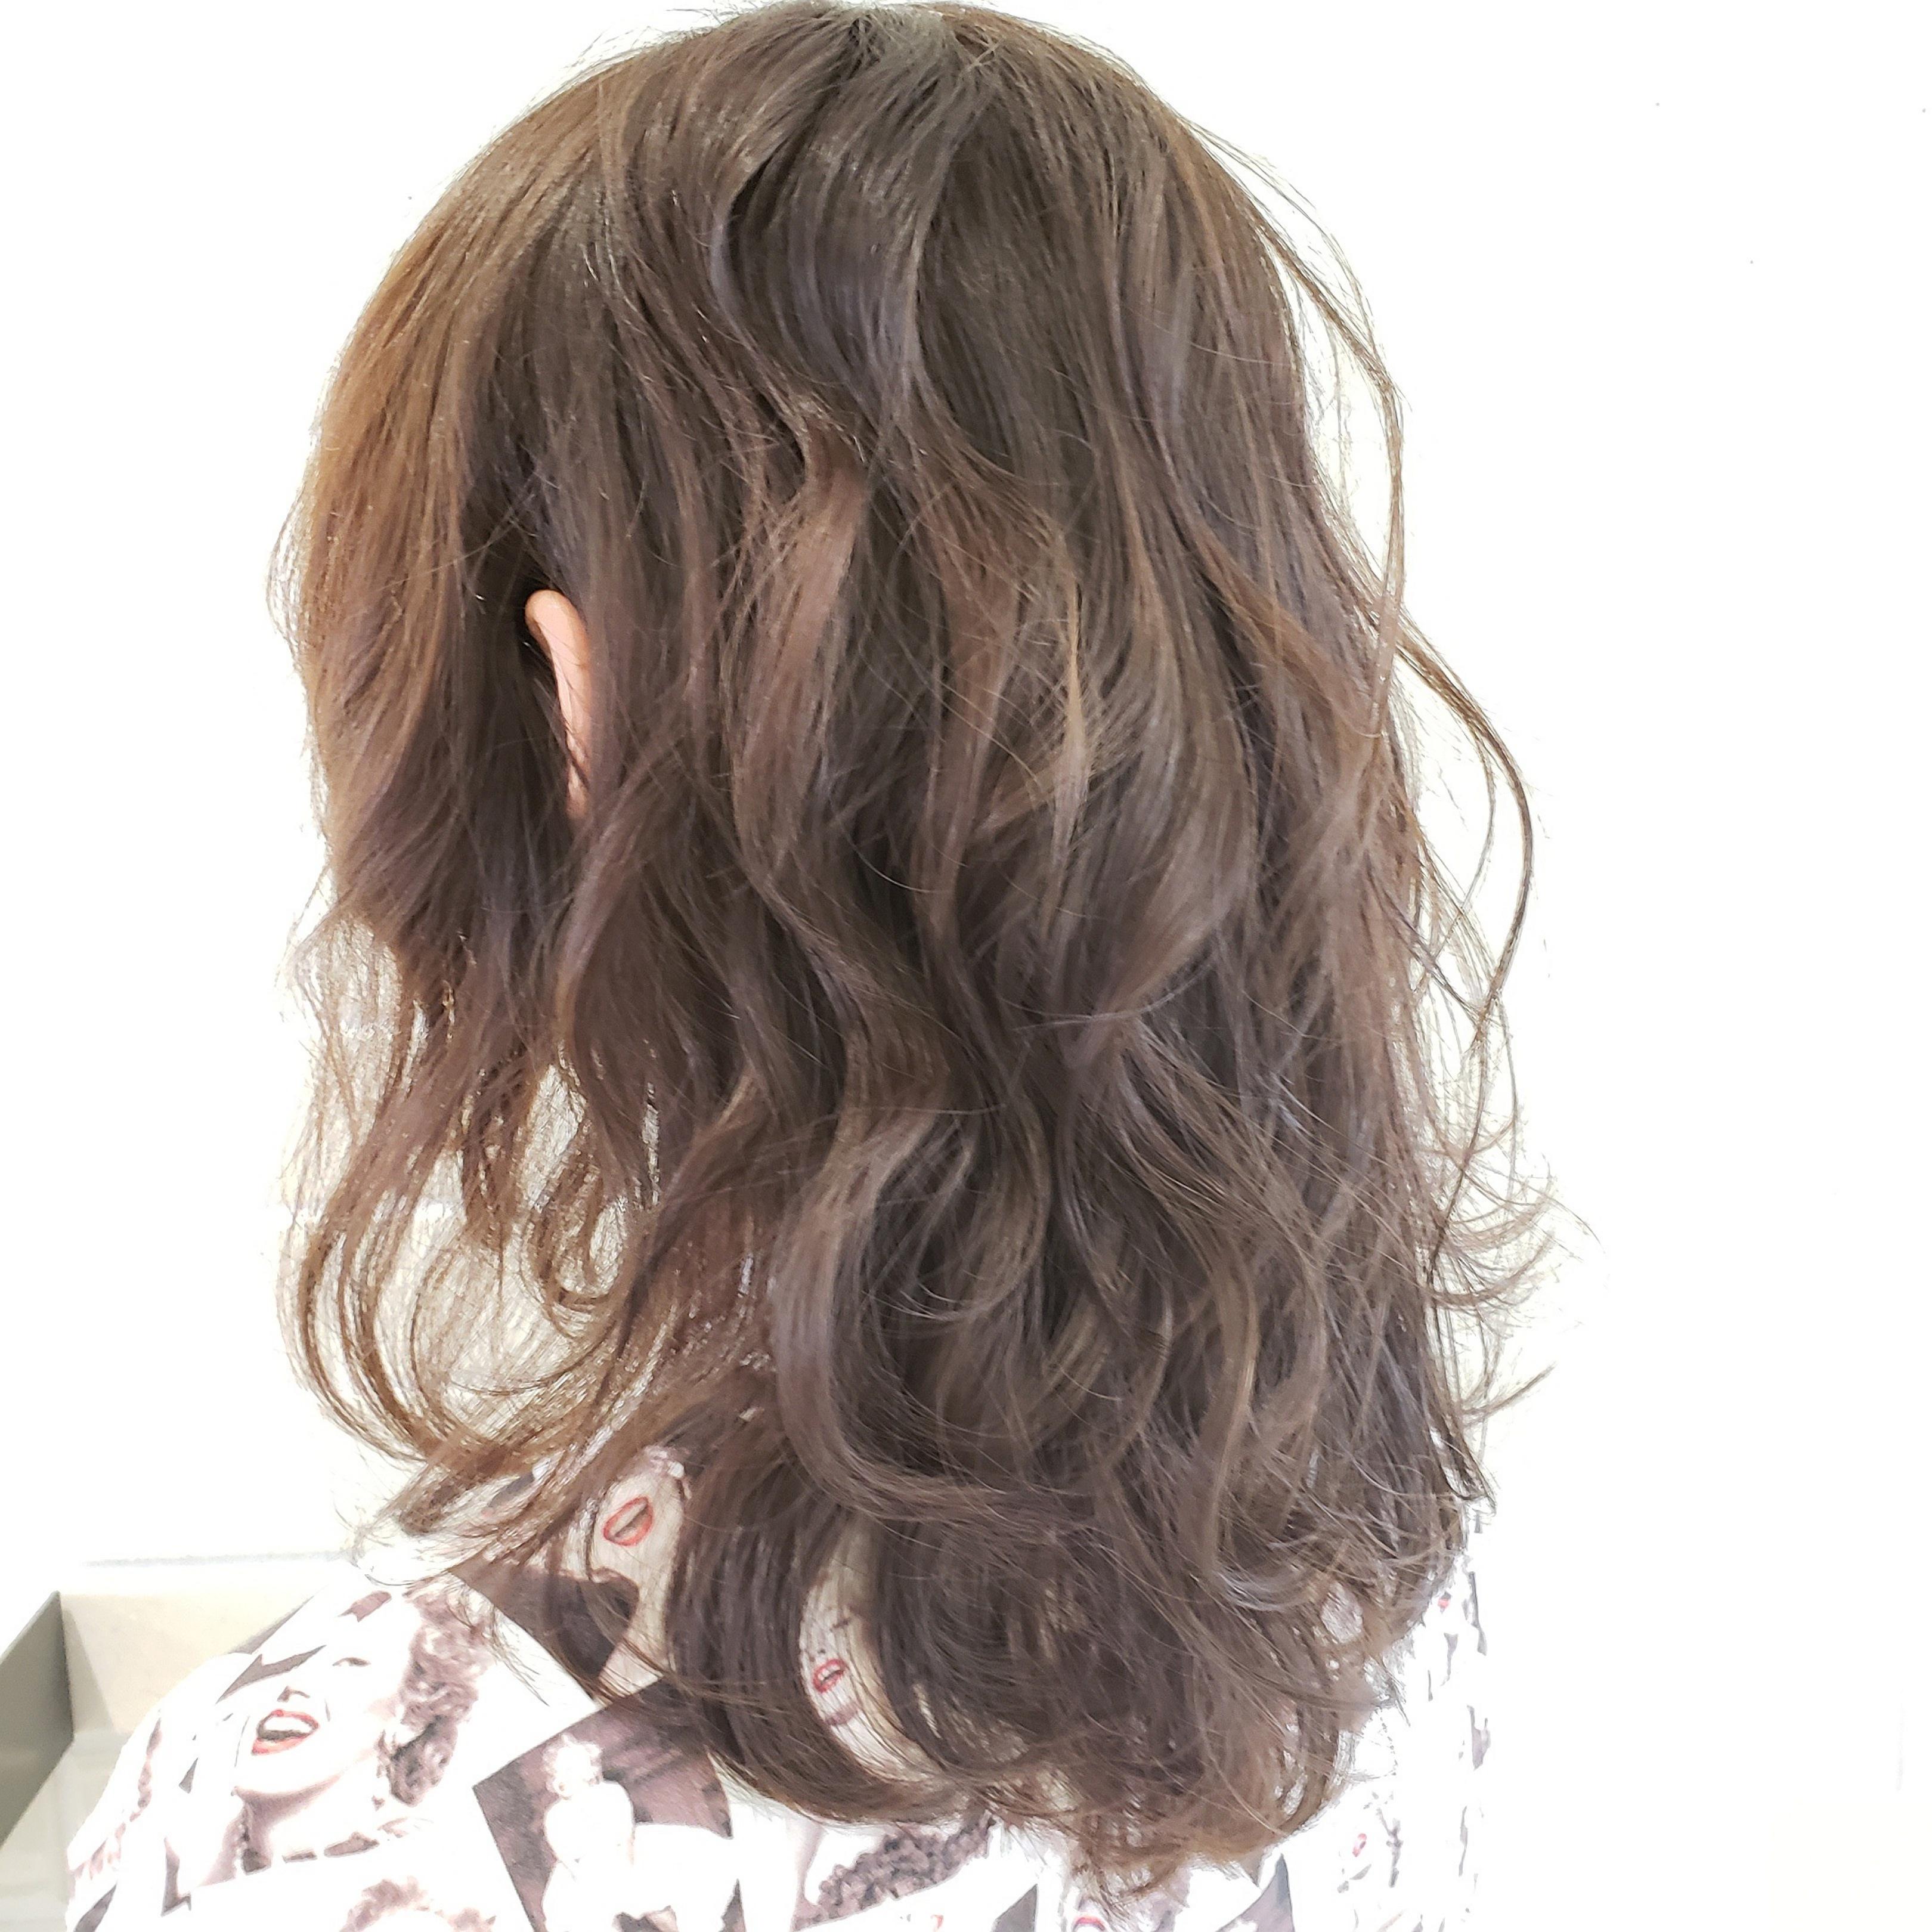 ミディアムヘアでくせ毛を生かして扱いやすくするには?